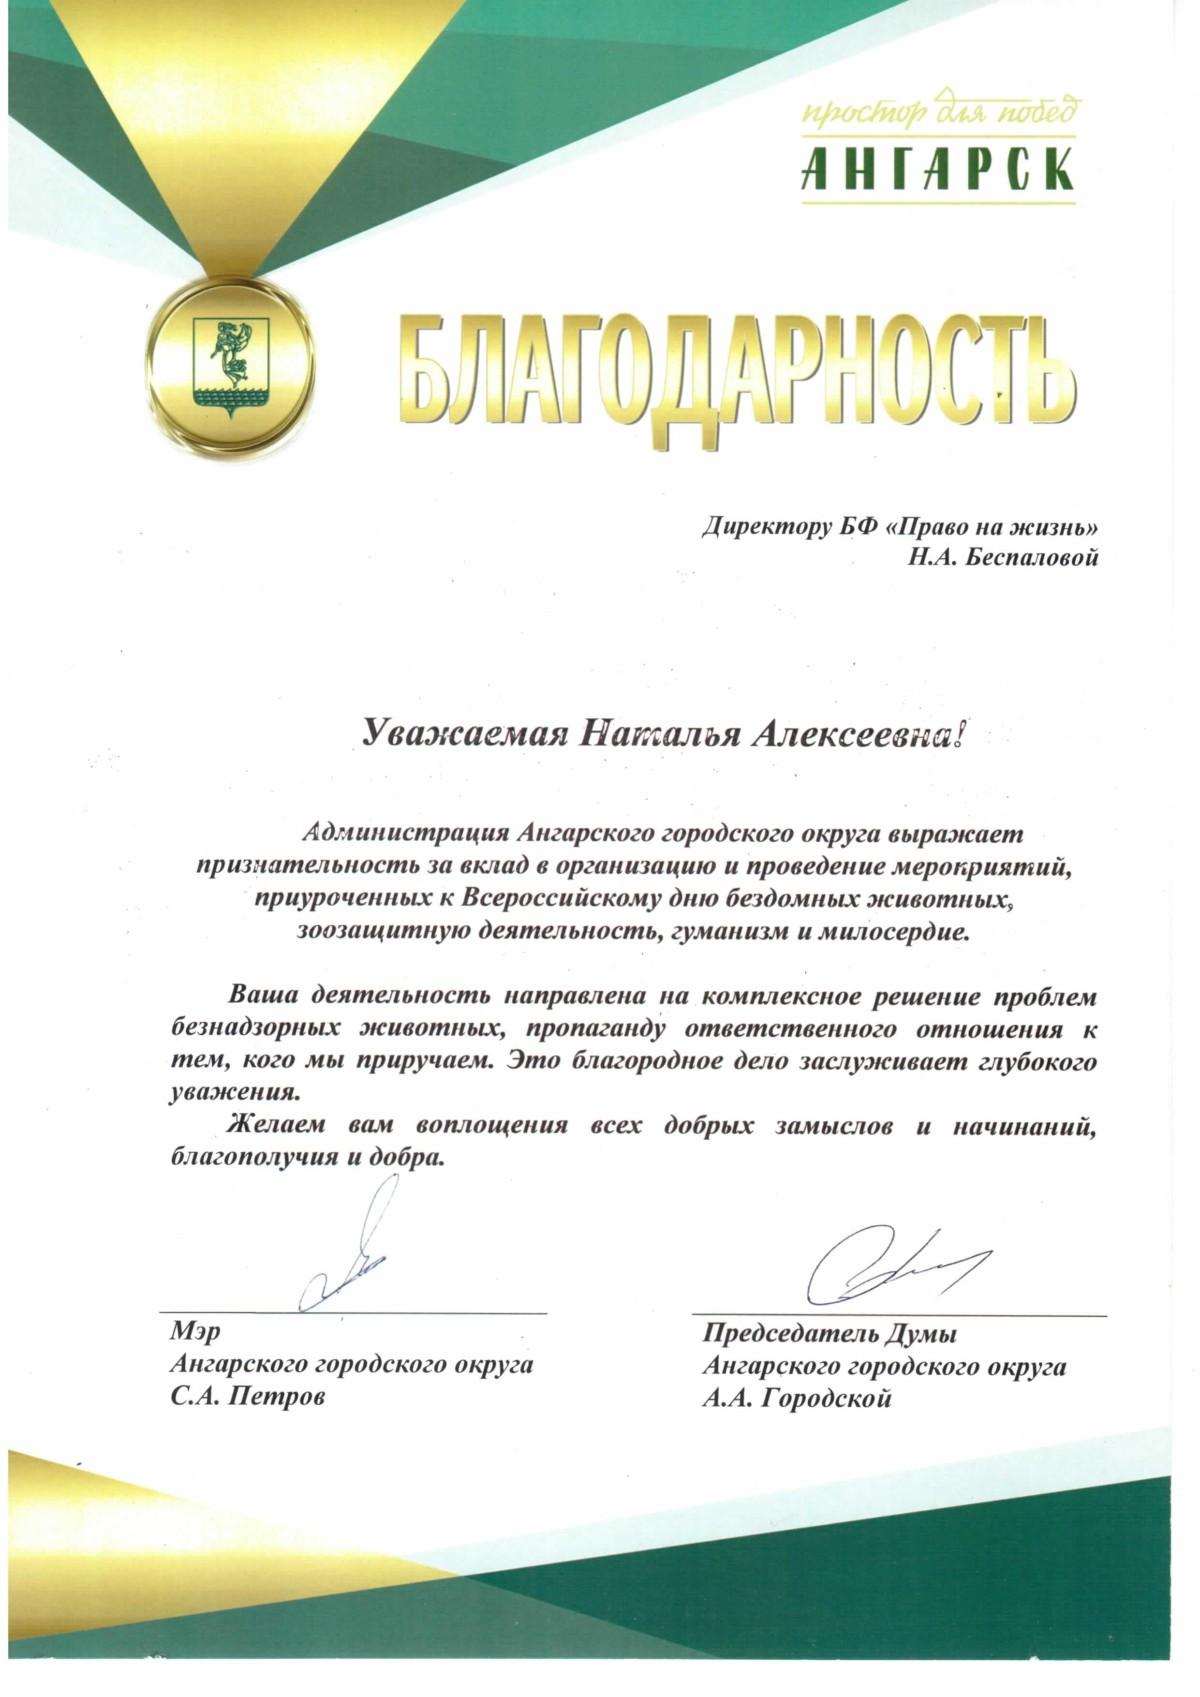 Благодарность мэр АГО Петров